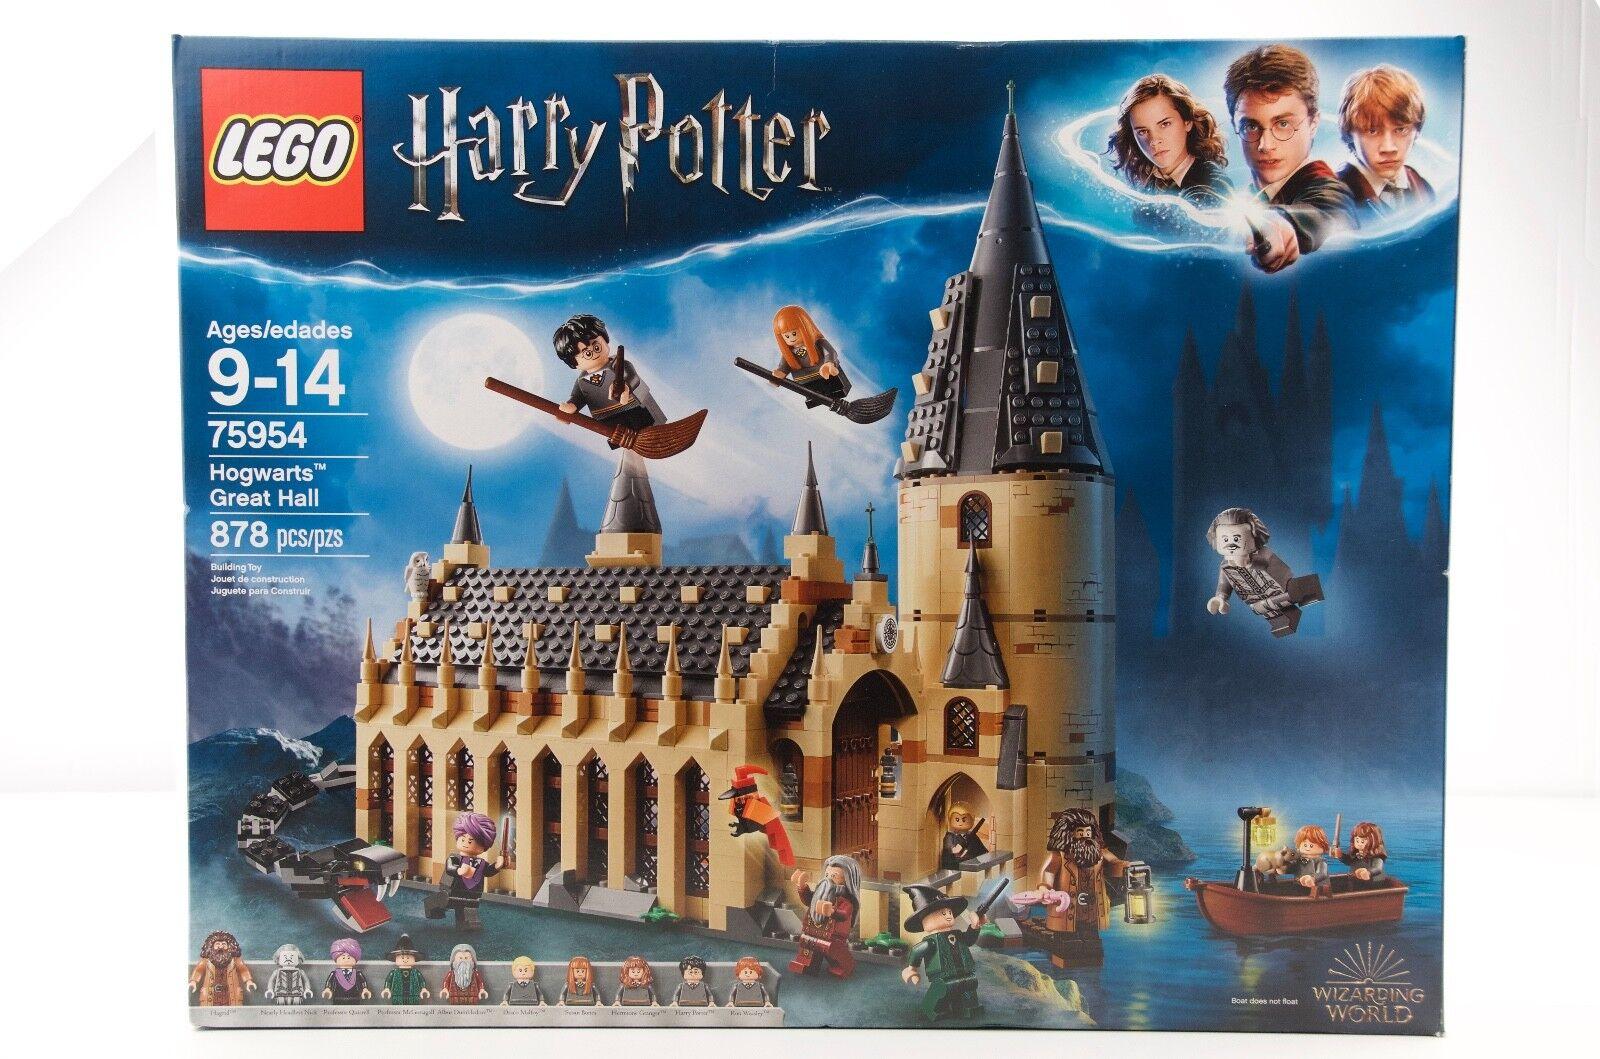 Lego, Harry Potter, 75954, gran Salón de Hogwarts, 878 piezas, edades 9 y arriba, nuevo En Caja